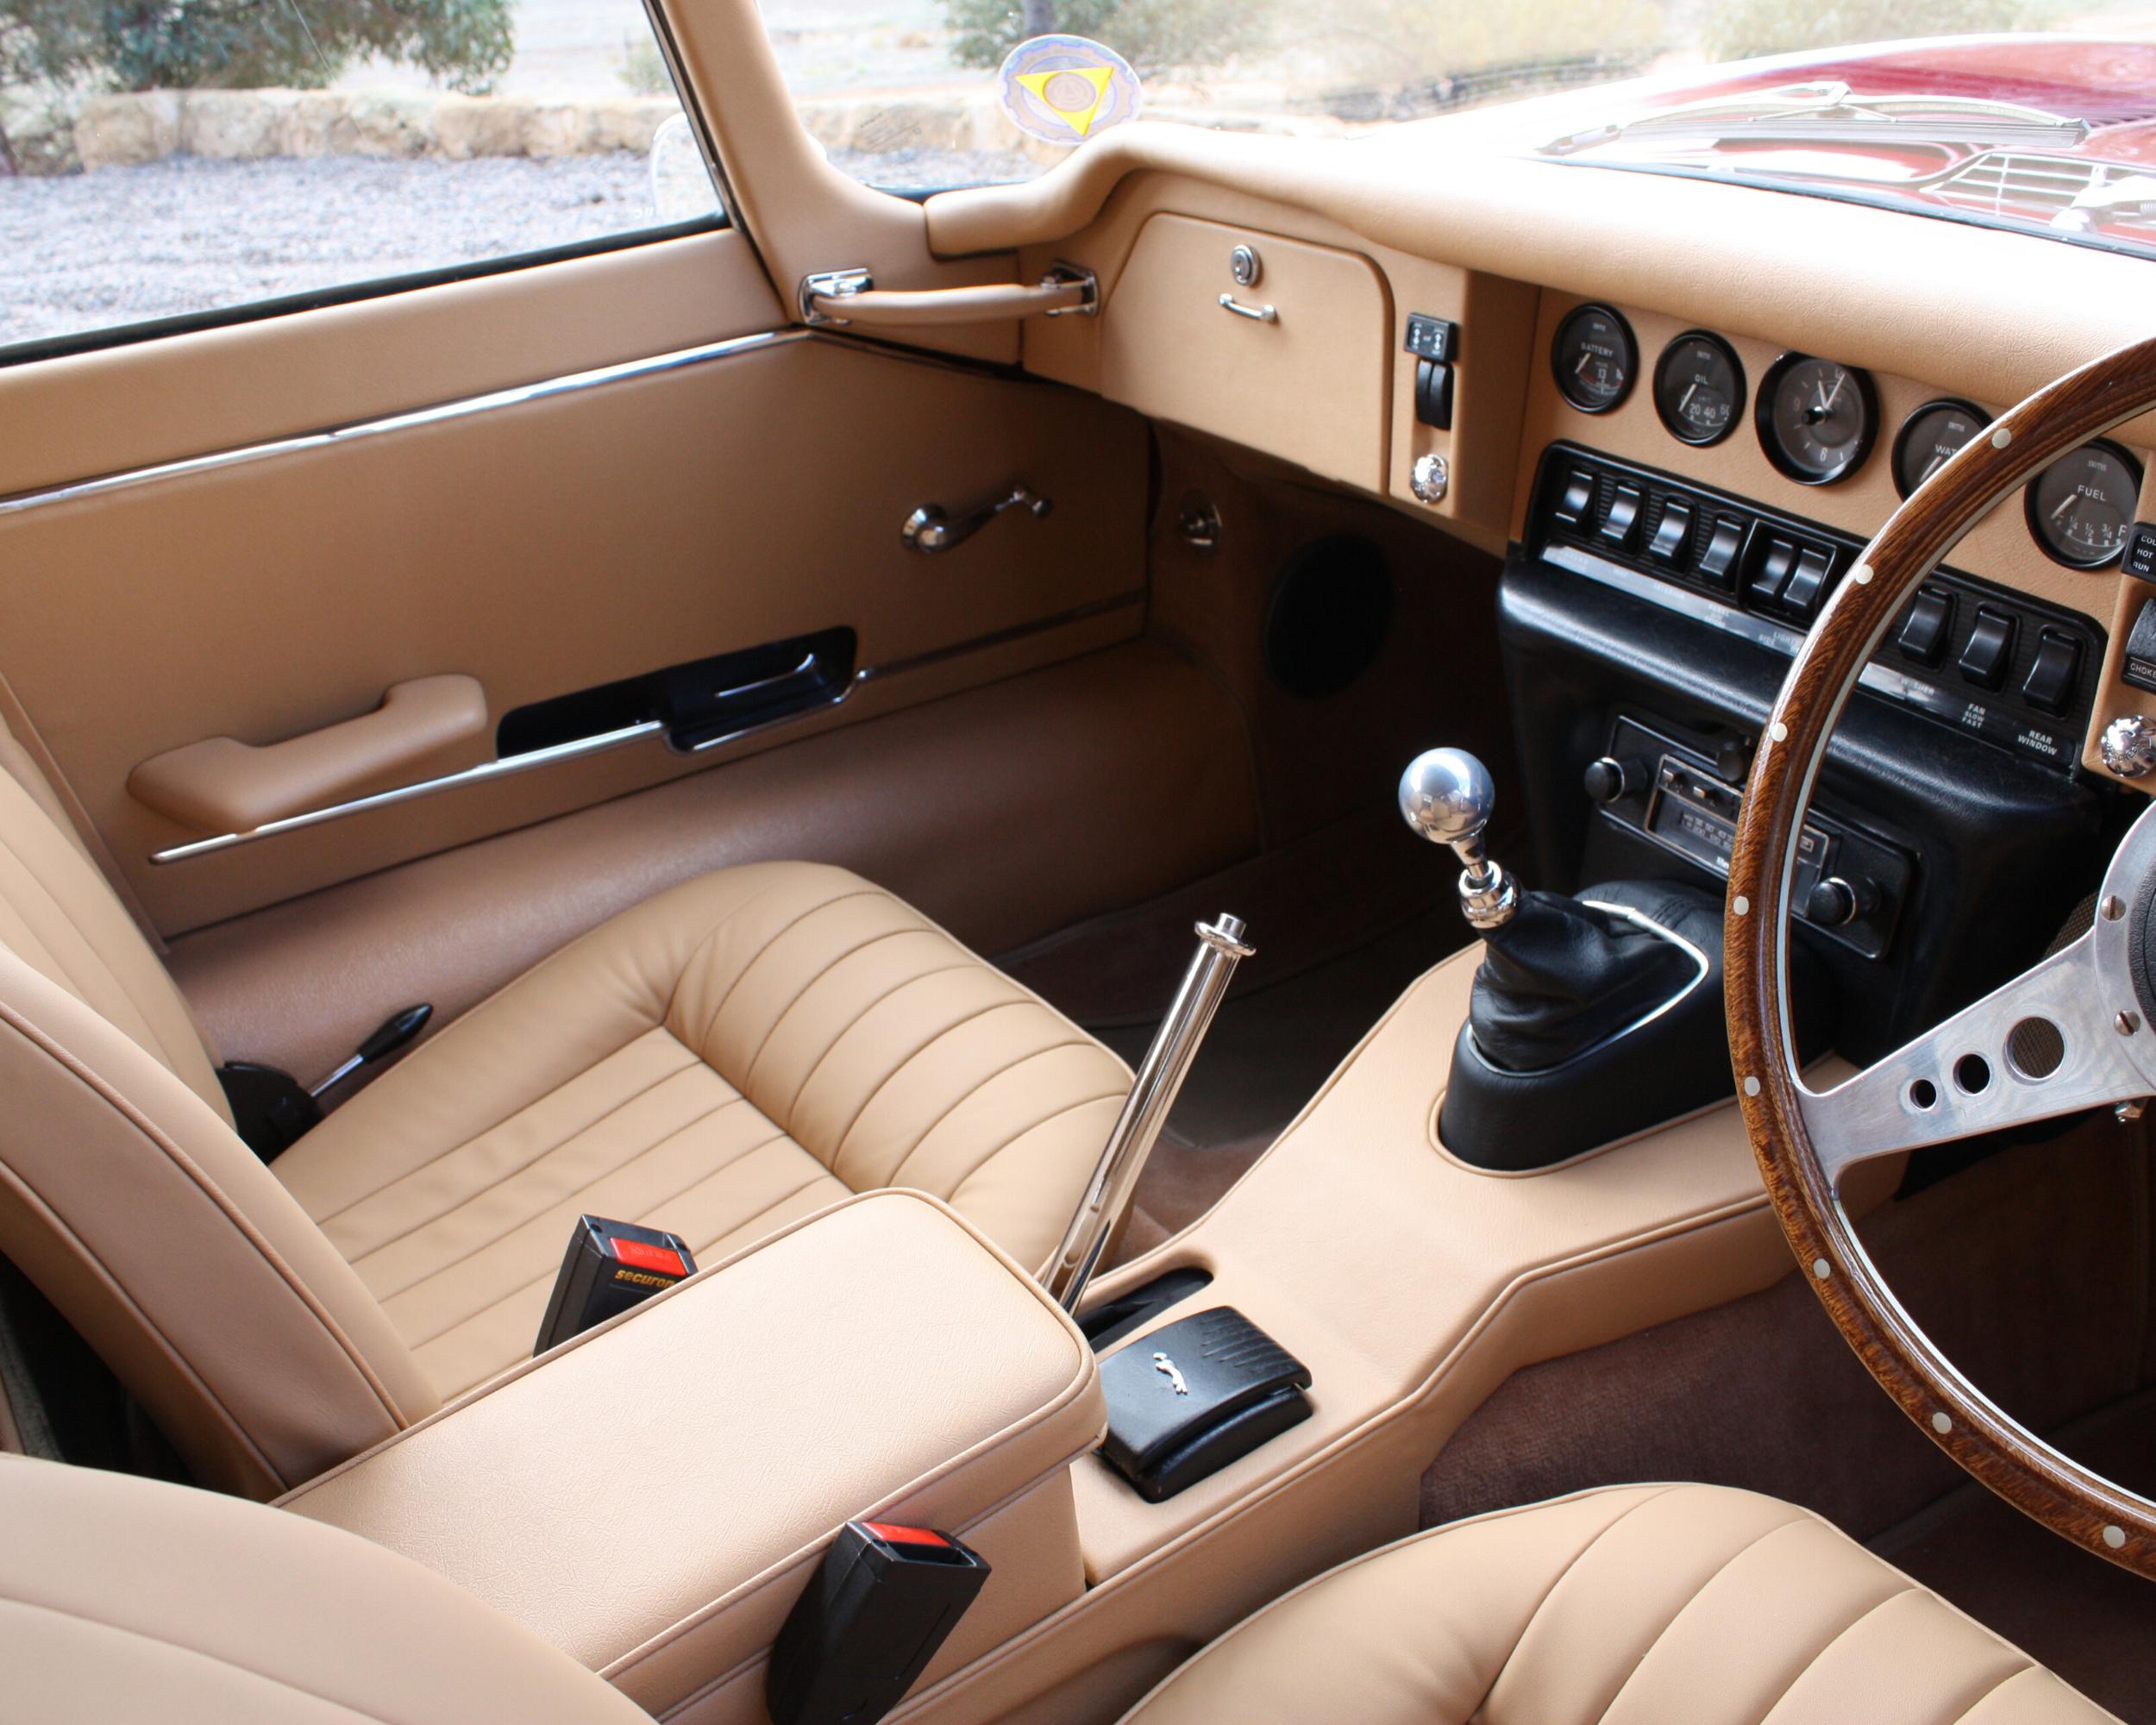 E Type Series 2 Full Interior Re-trim